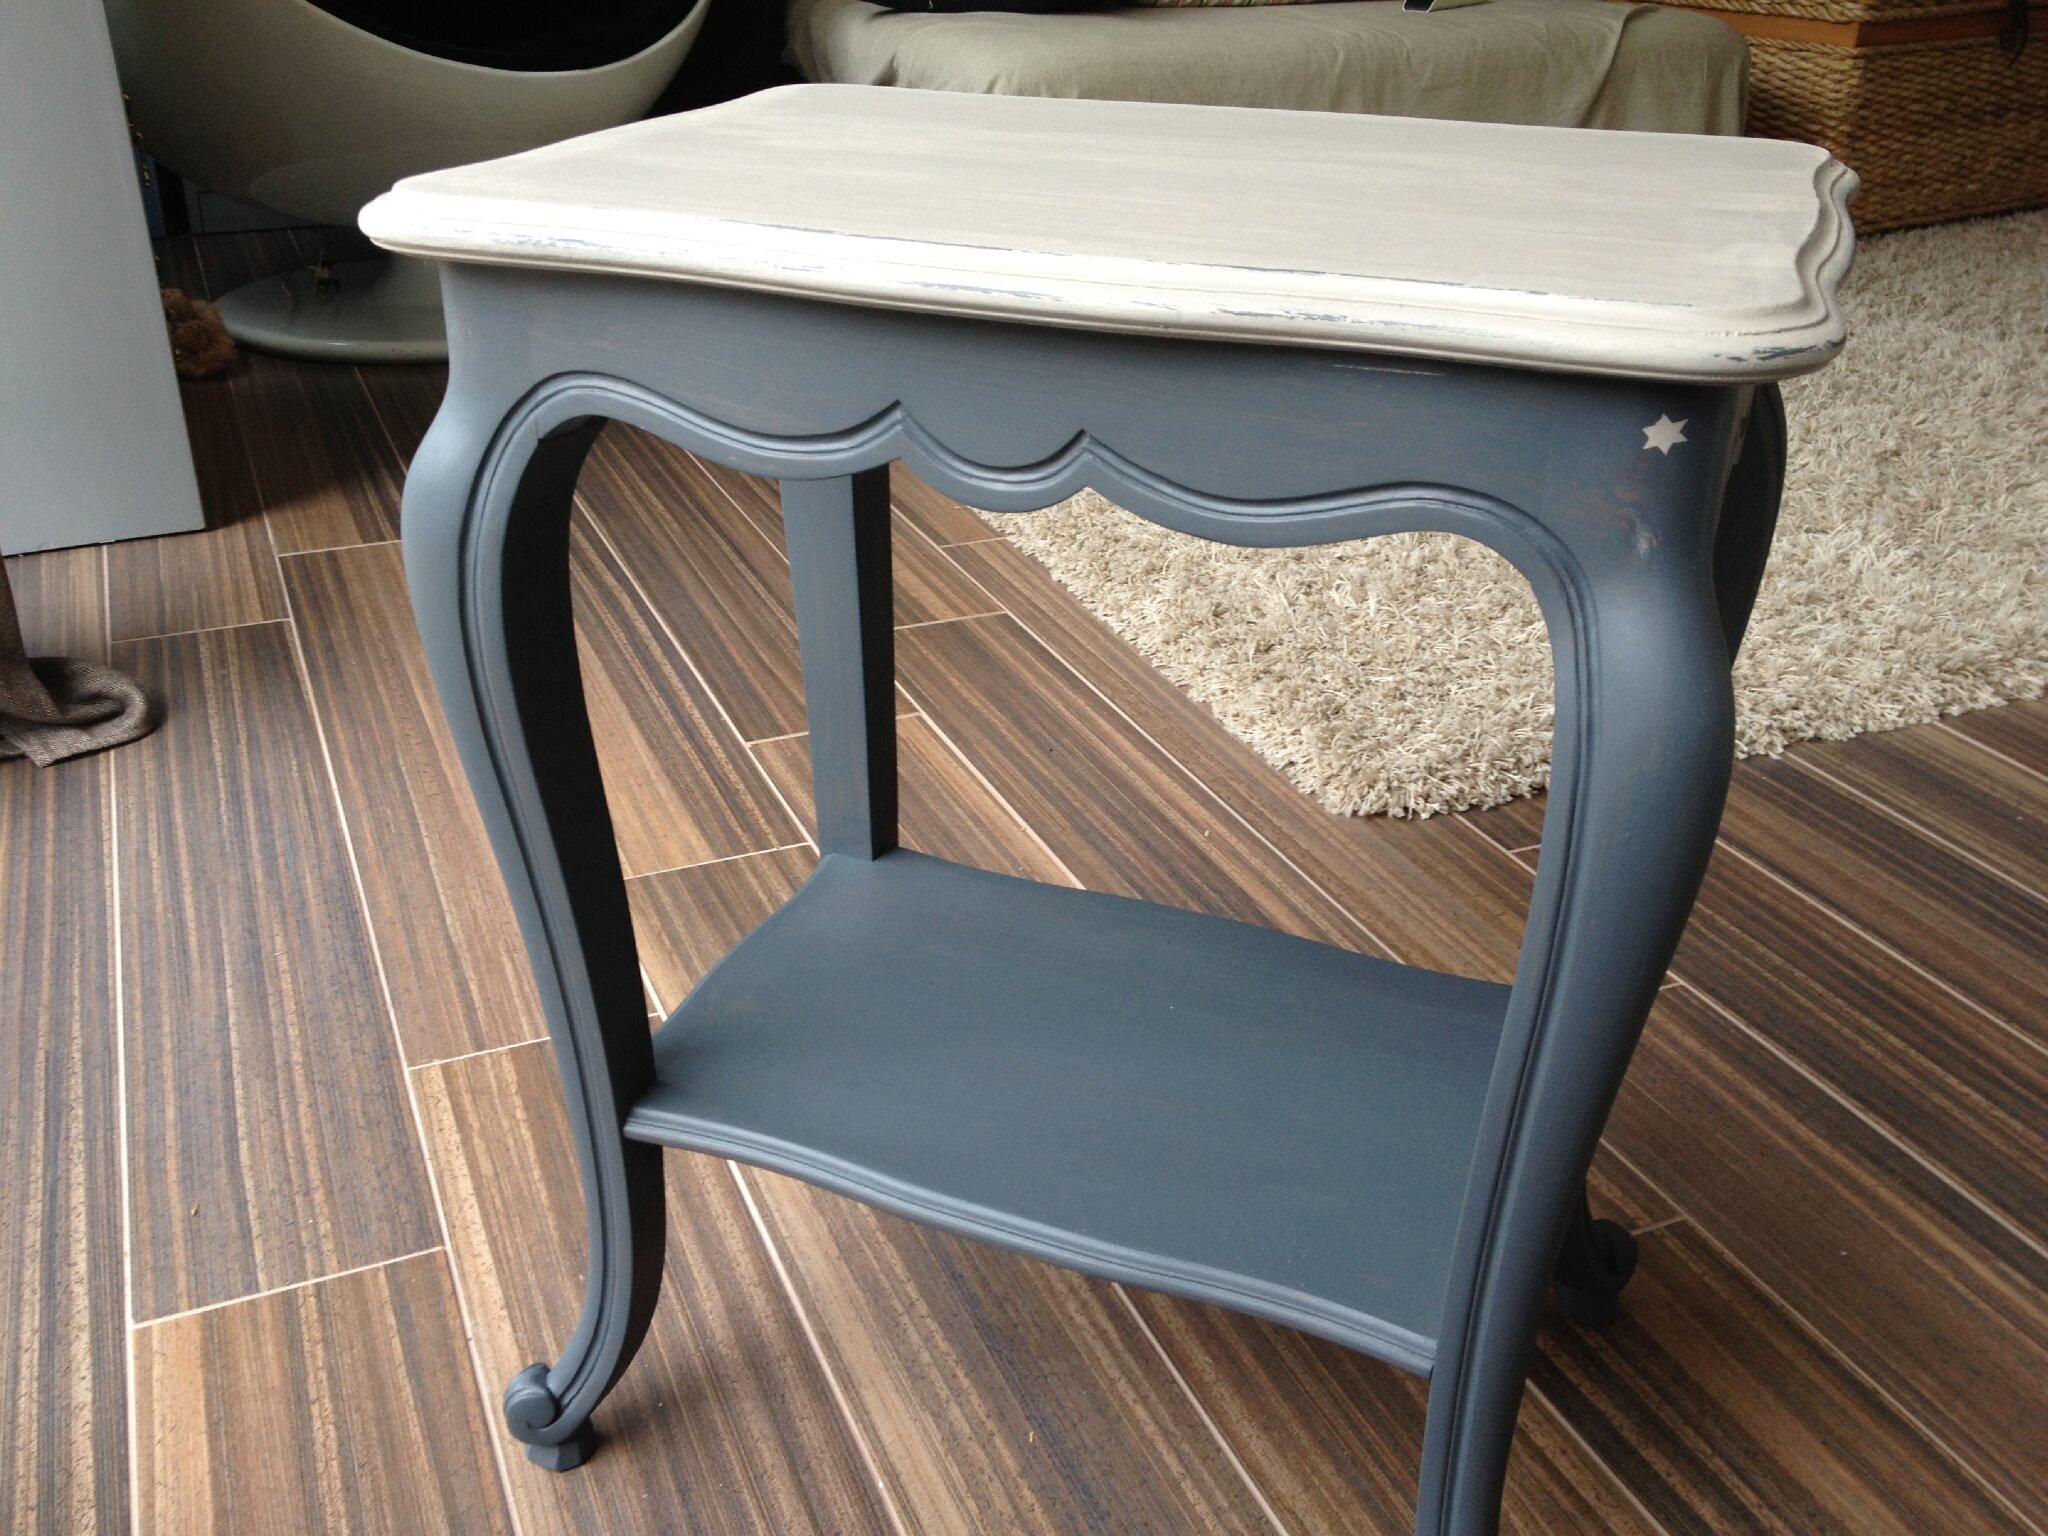 Relooking meubles et objets album photos la fabrique de l onie - Relooker table merisier ...